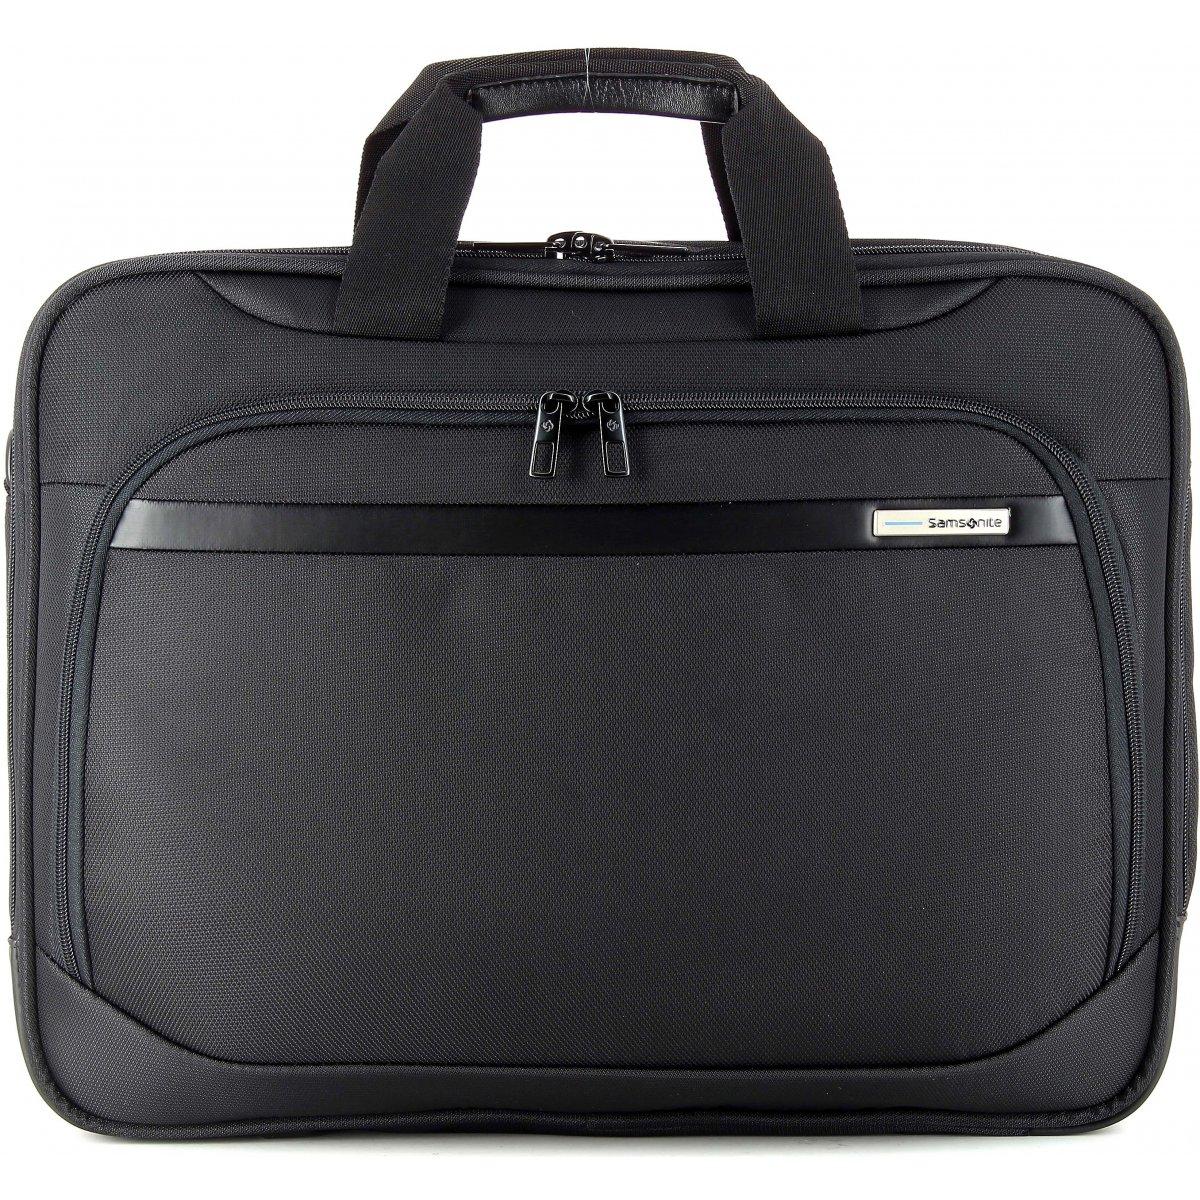 porte ordinateur vectura bailhandlem 16 samsonite vectura23 couleur principale noir. Black Bedroom Furniture Sets. Home Design Ideas